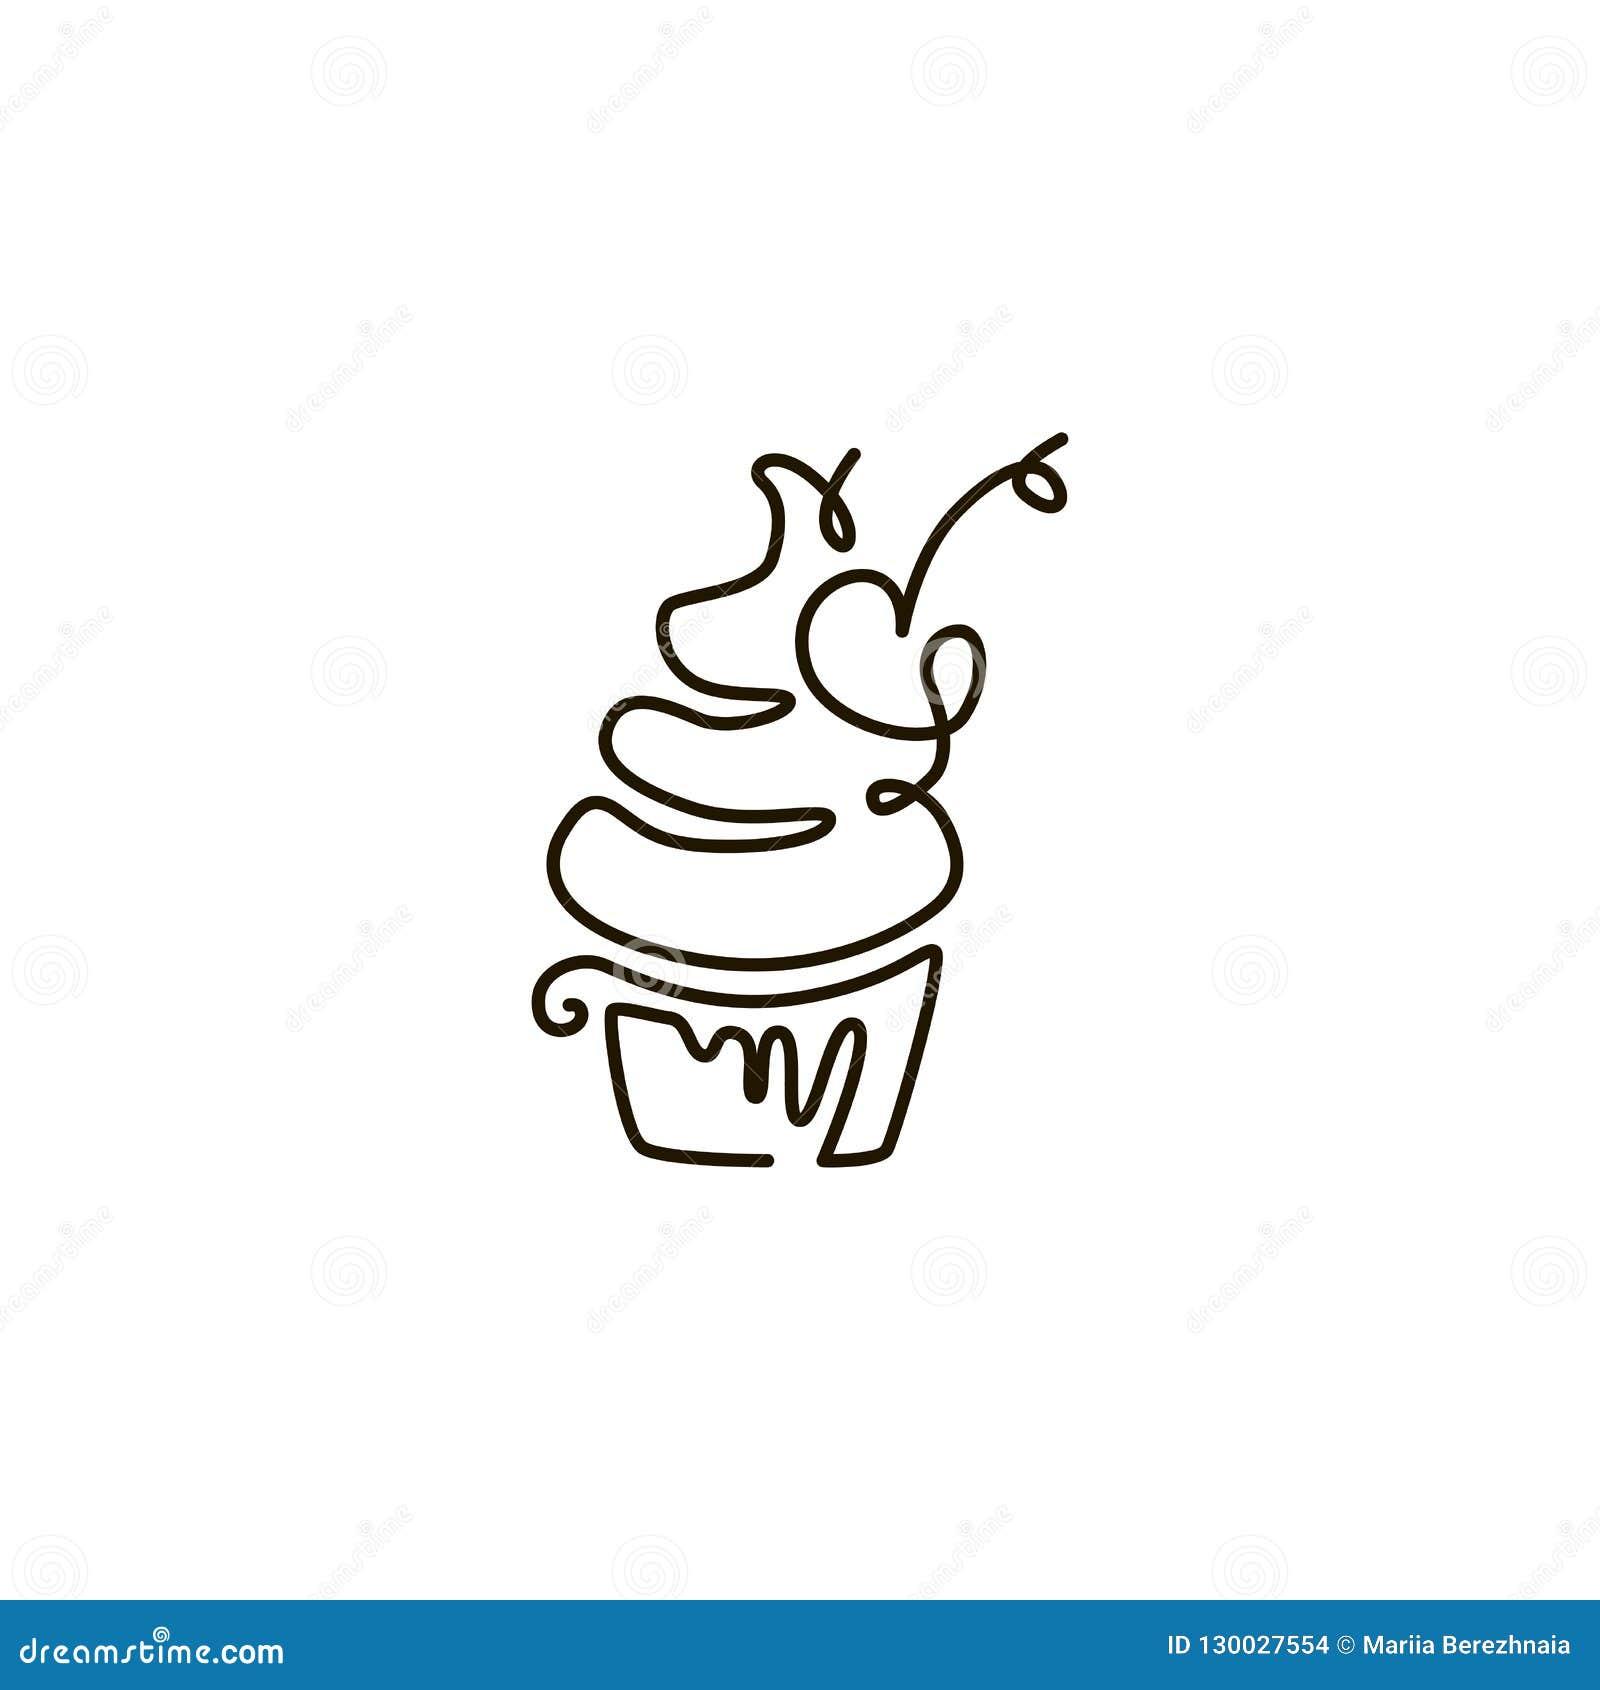 Vektorlinie Ikone cupcake Ein Federzeichnung Getrennt auf weißem Hintergrund